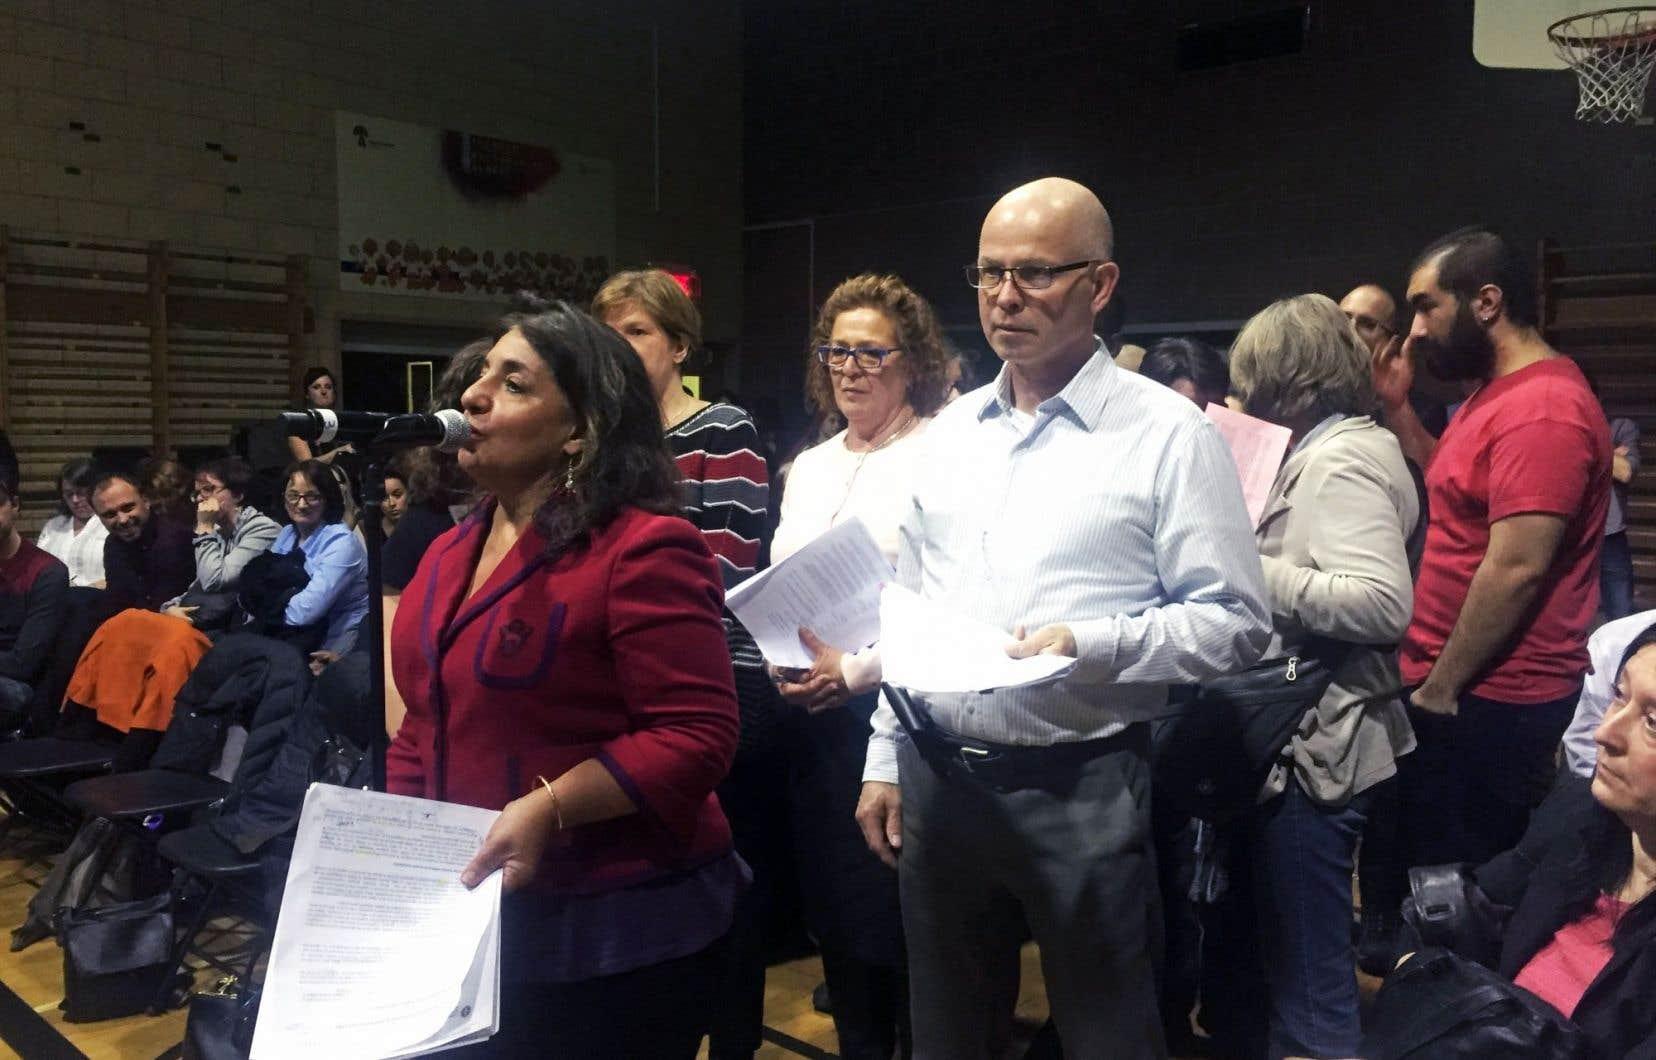 Les hausses de loyer mettent en péril 34 organismes communautaires, a déclaré Lydya Assayag, du Réseau québécois d'action pour la santé des femmes.